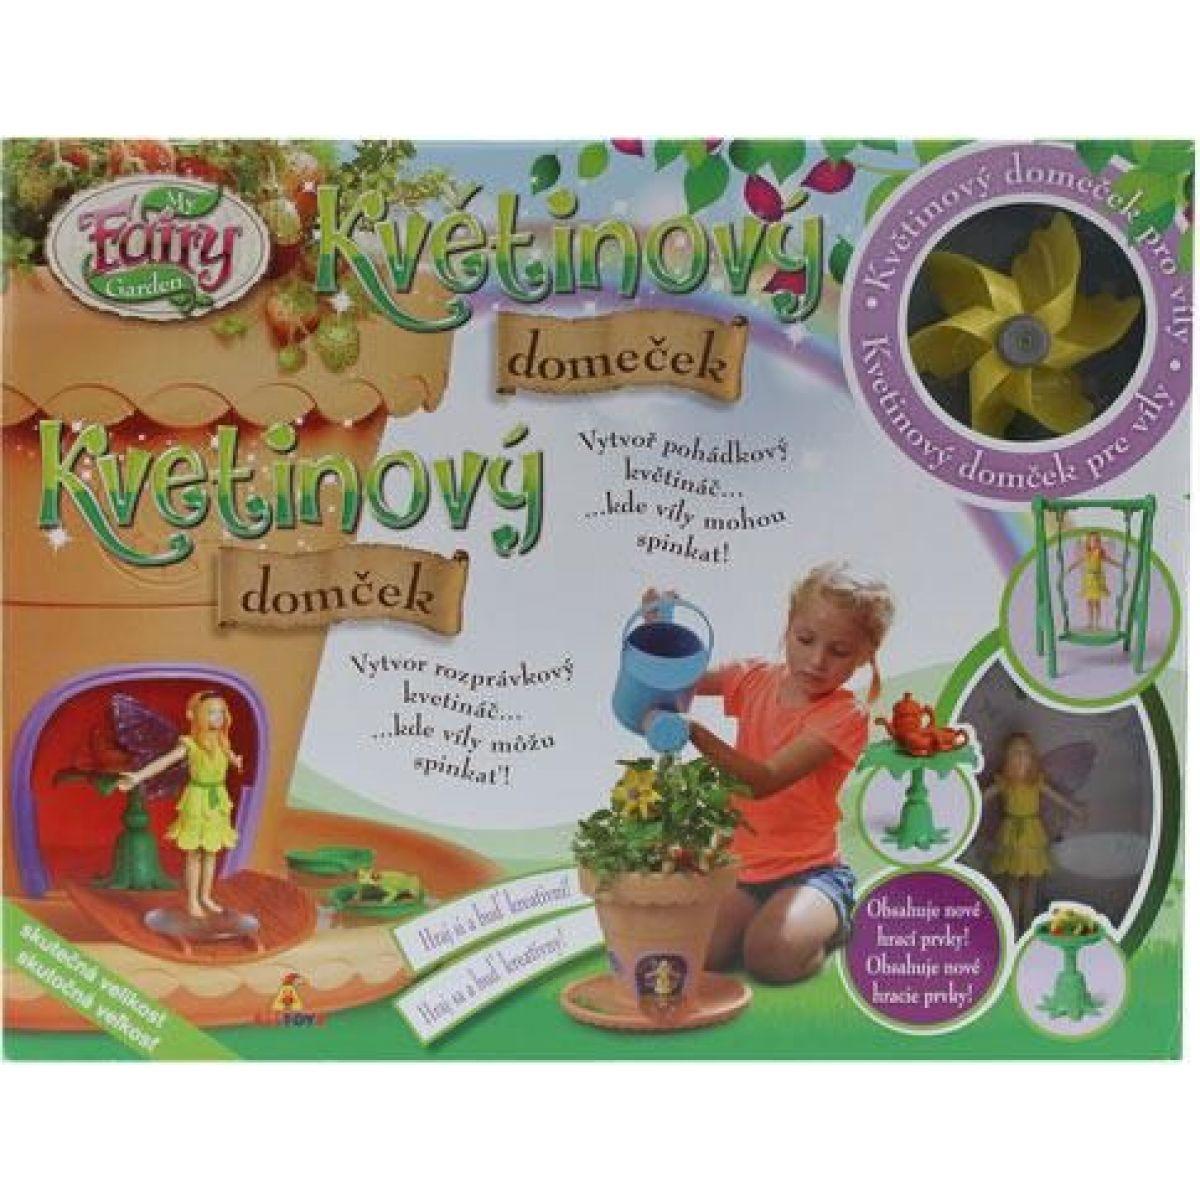 My Fairy Garden Kouzelná zahrádka květinový domeček #5